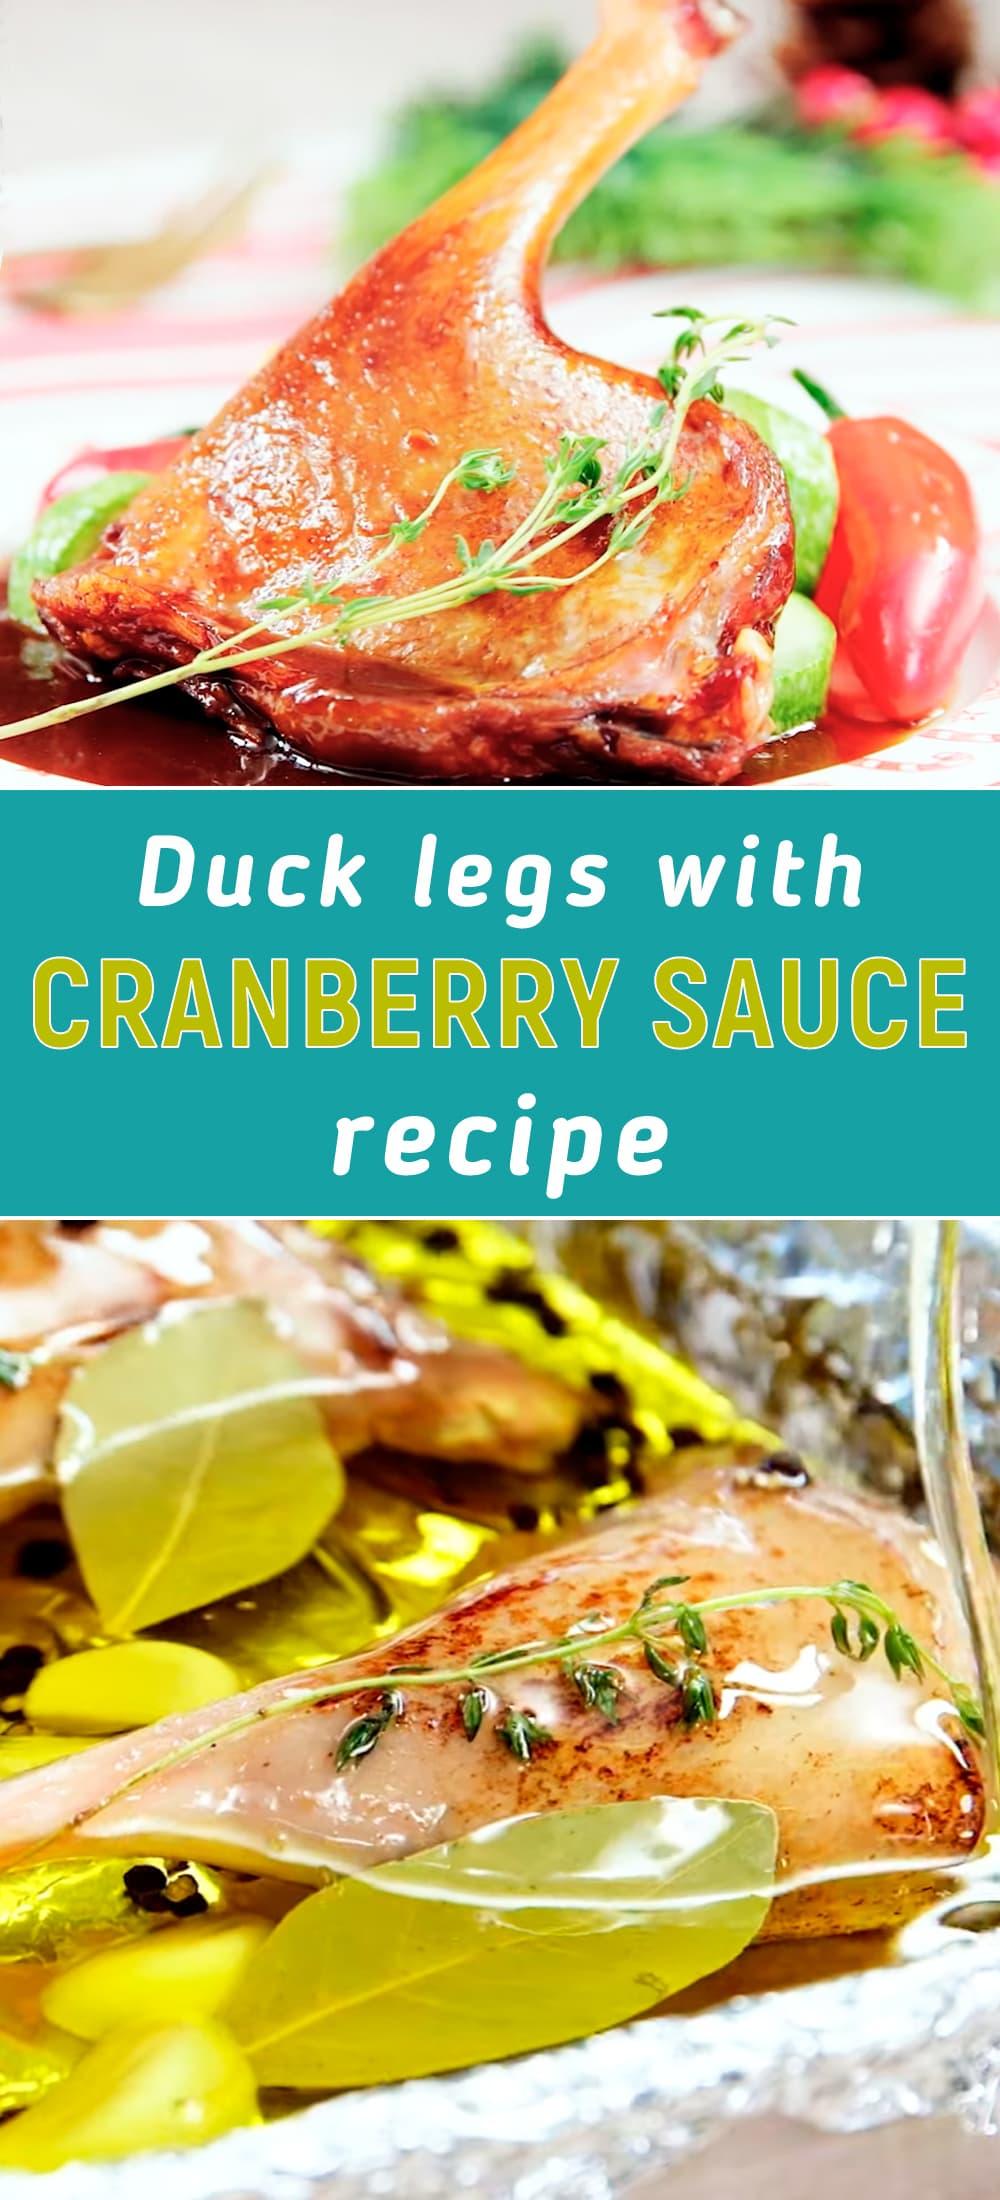 duck leg cranberry recipes